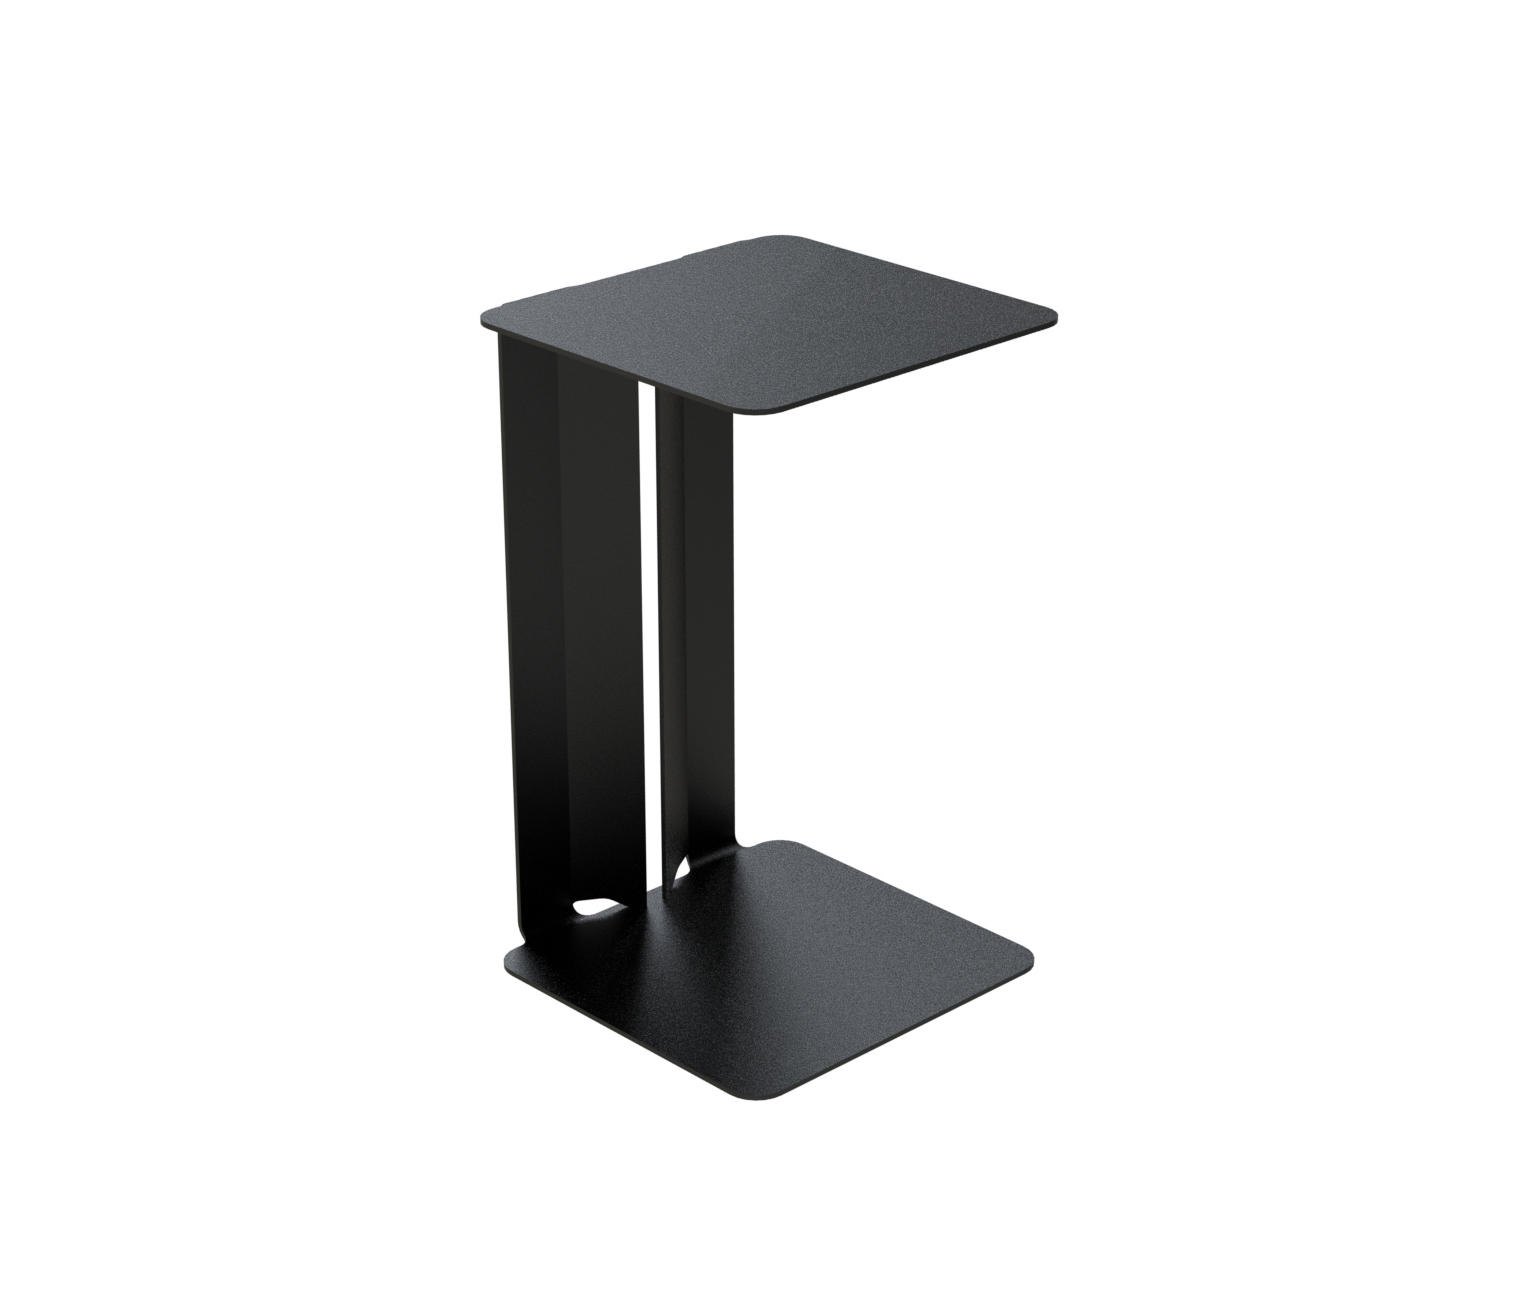 Leste bout de canap tables d 39 appoint de mati re grise for Table d appoint pour canape